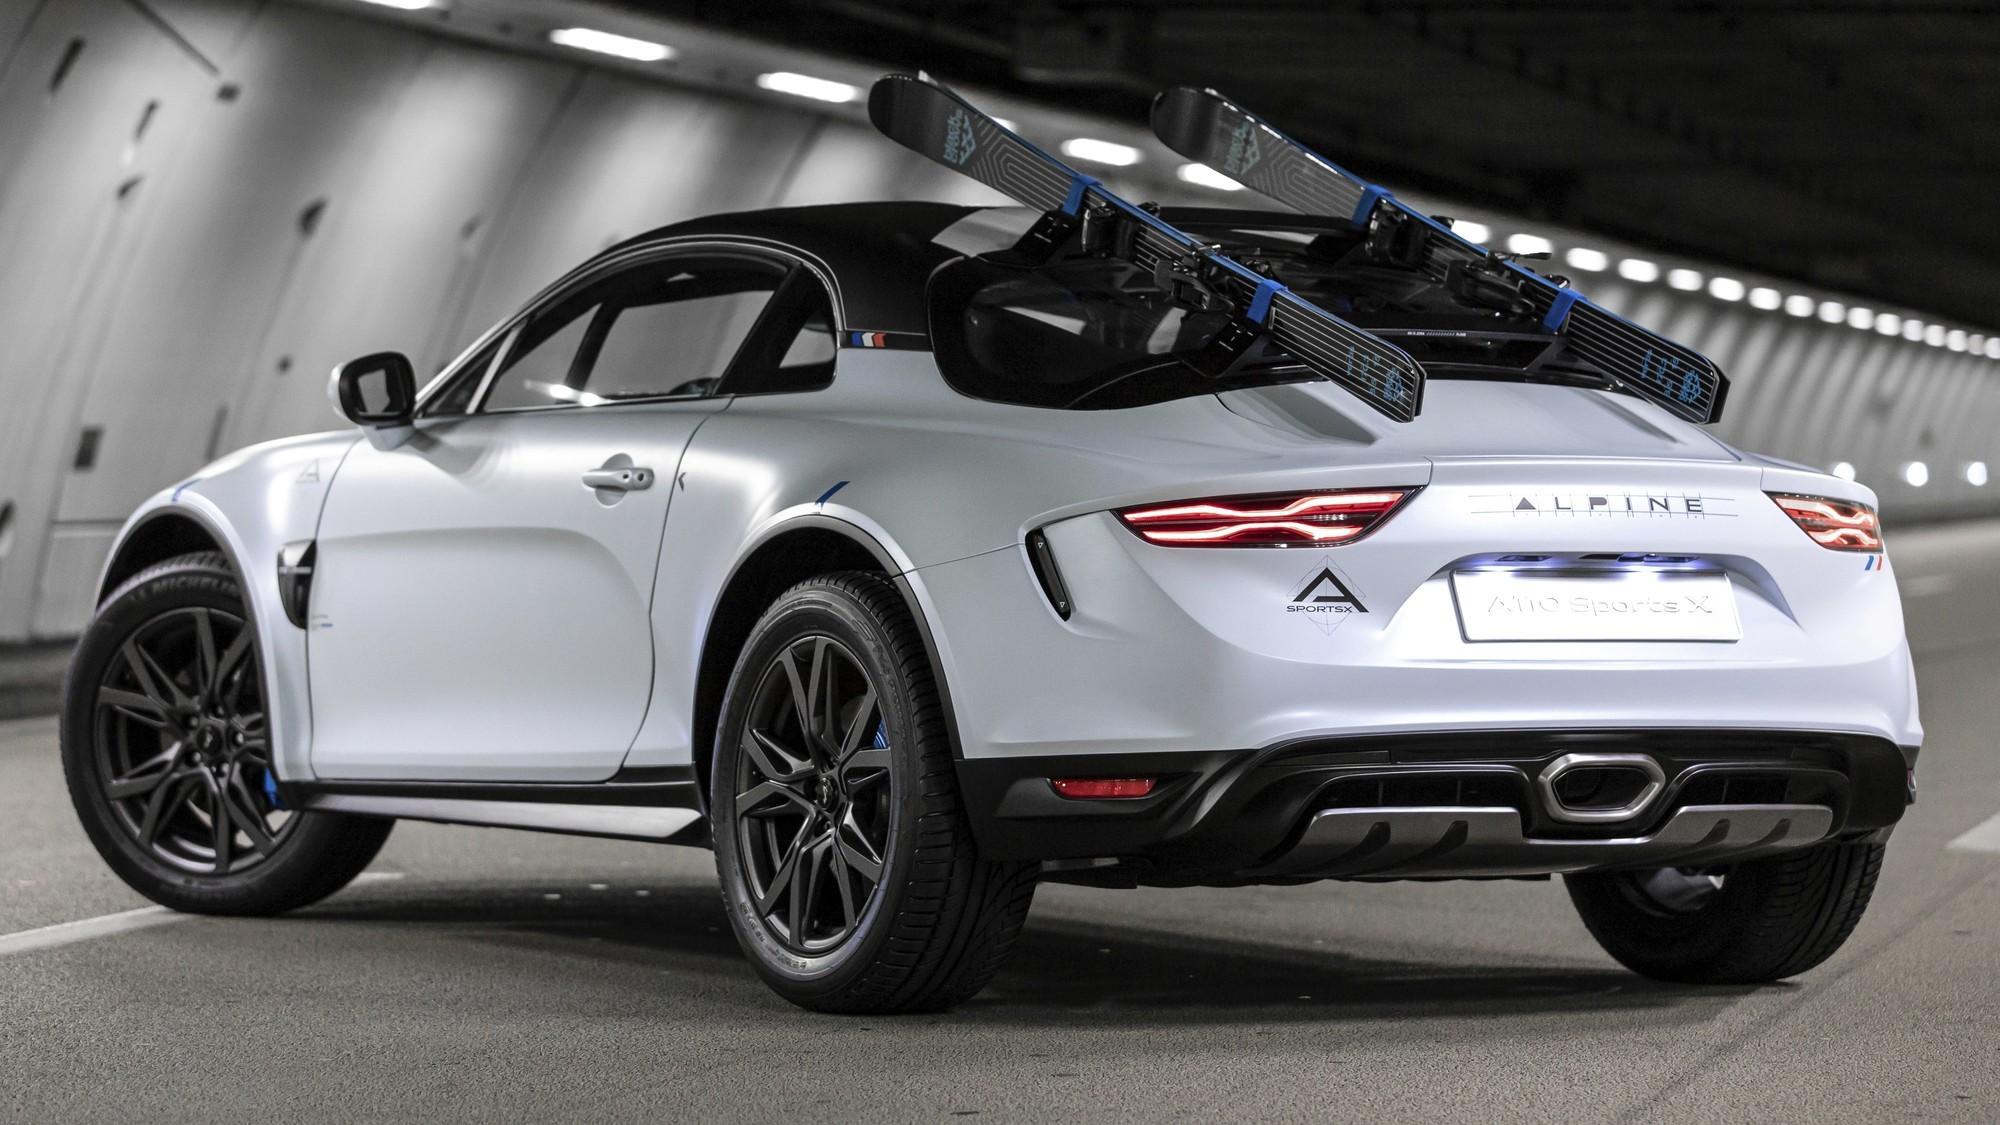 Похоже, кросс-купе Alpine A110 SportsX станет серийным